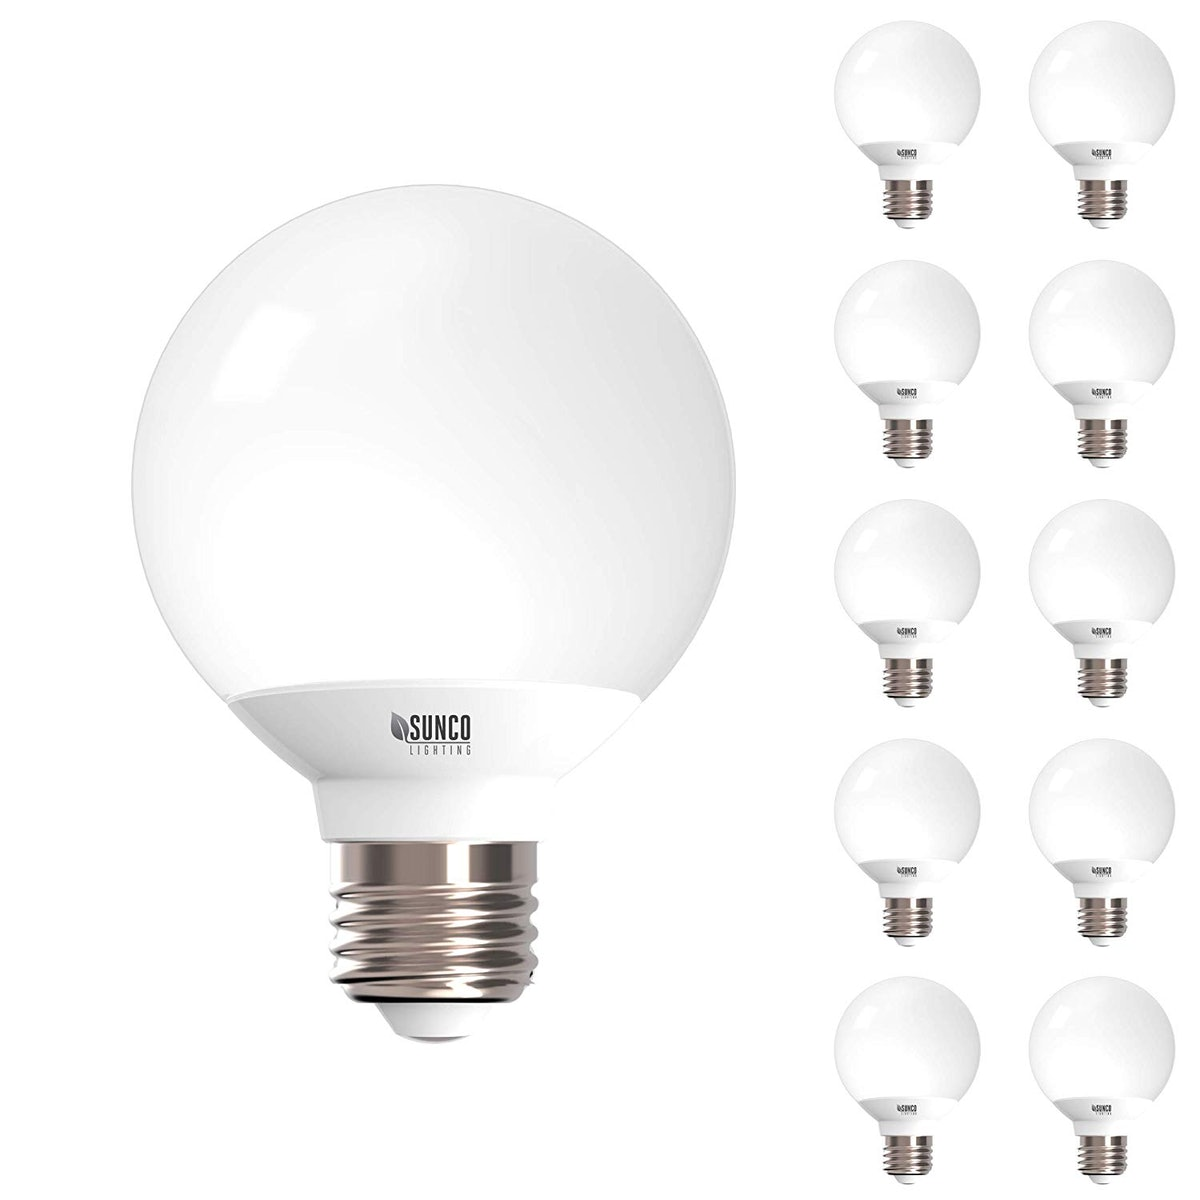 Sunco Lighting Warm White Bulb For Vanities (10-Pack)